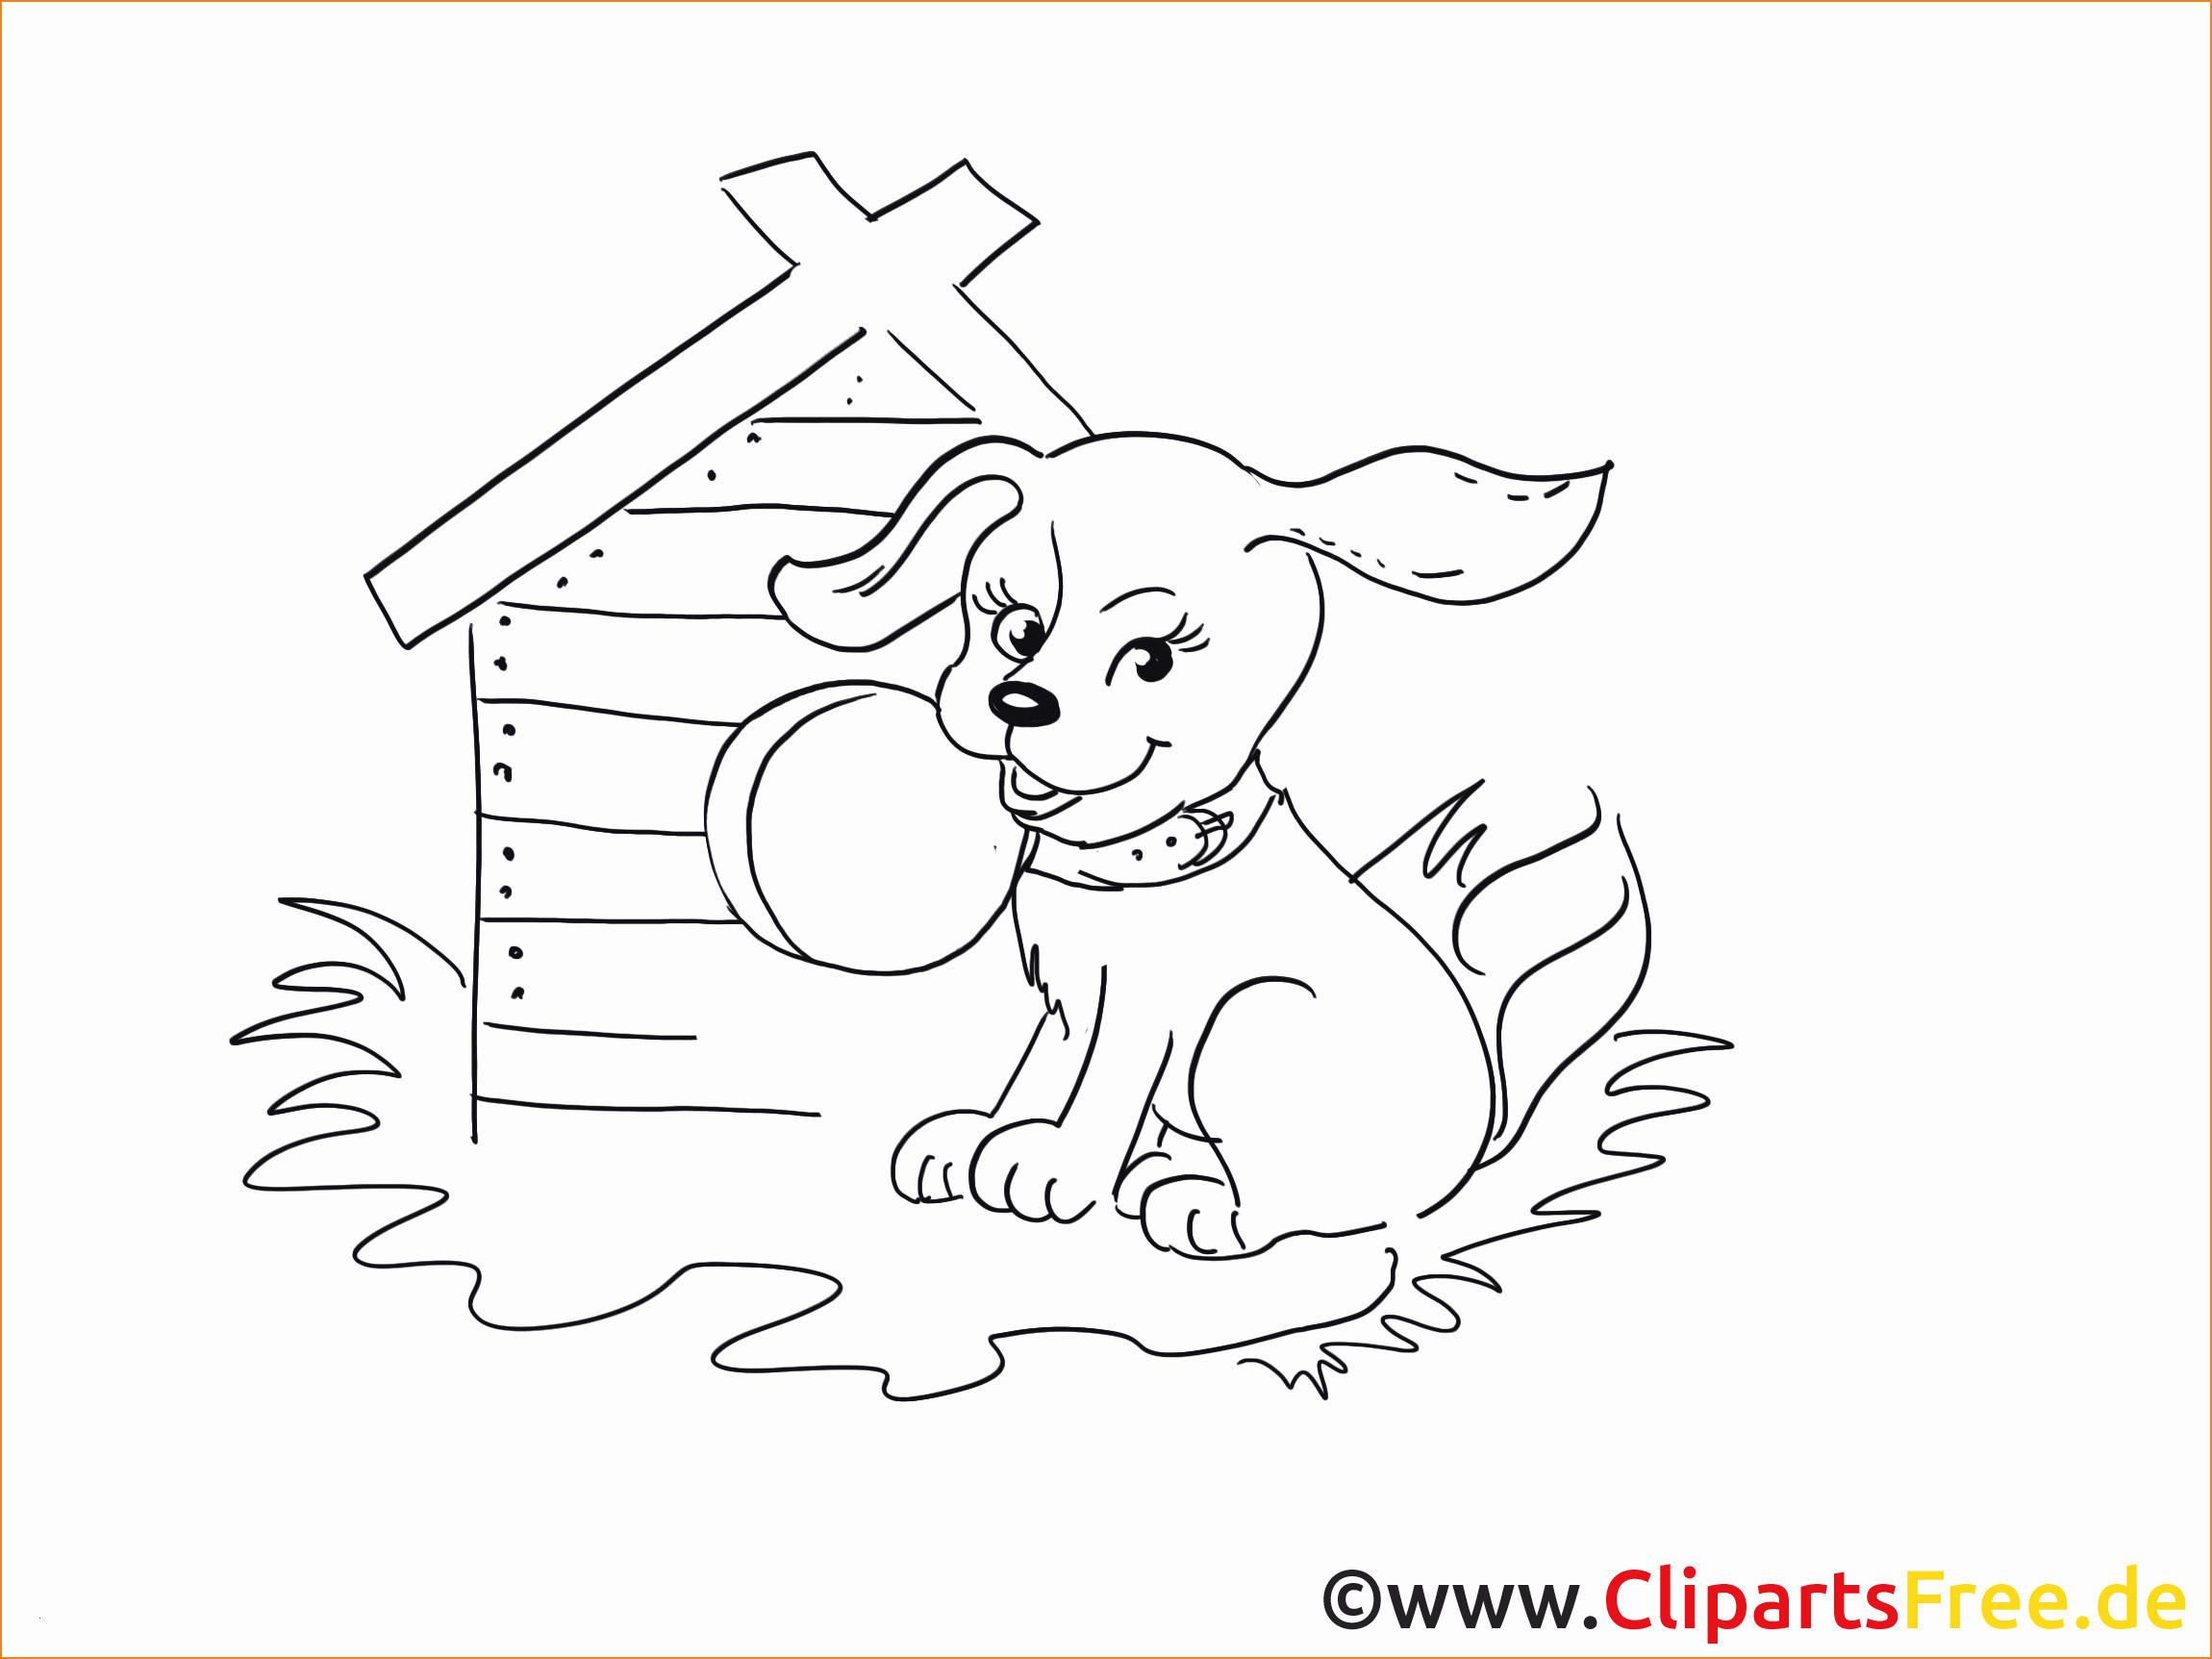 Ausmalbilder Zum Ausdrucken Hunde Das Beste Von 46 Neu Bilder Ausmalbilder Hunde Zum Ausdrucken Schön Ausmalbilder Galerie